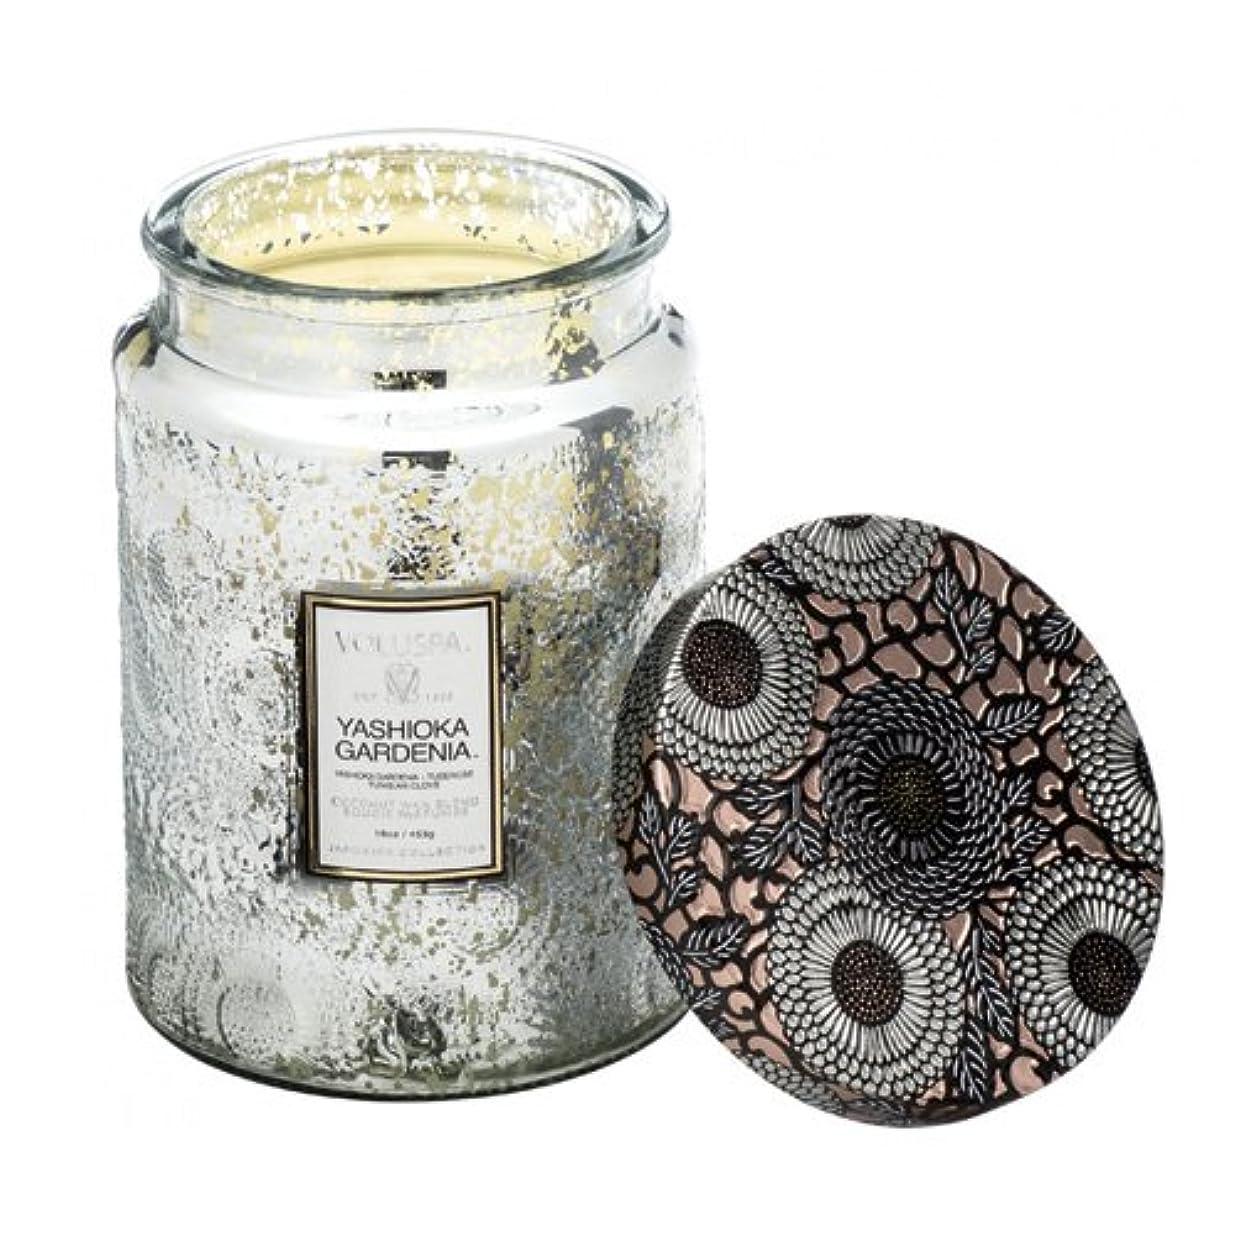 拍車いとこ自由Voluspa ボルスパ ジャポニカ リミテッド グラスジャーキャンドル  L ヤシオカガーデニア YASHIOKA GARDENIA JAPONICA Limited LARGE EMBOSSED Glass jar candle